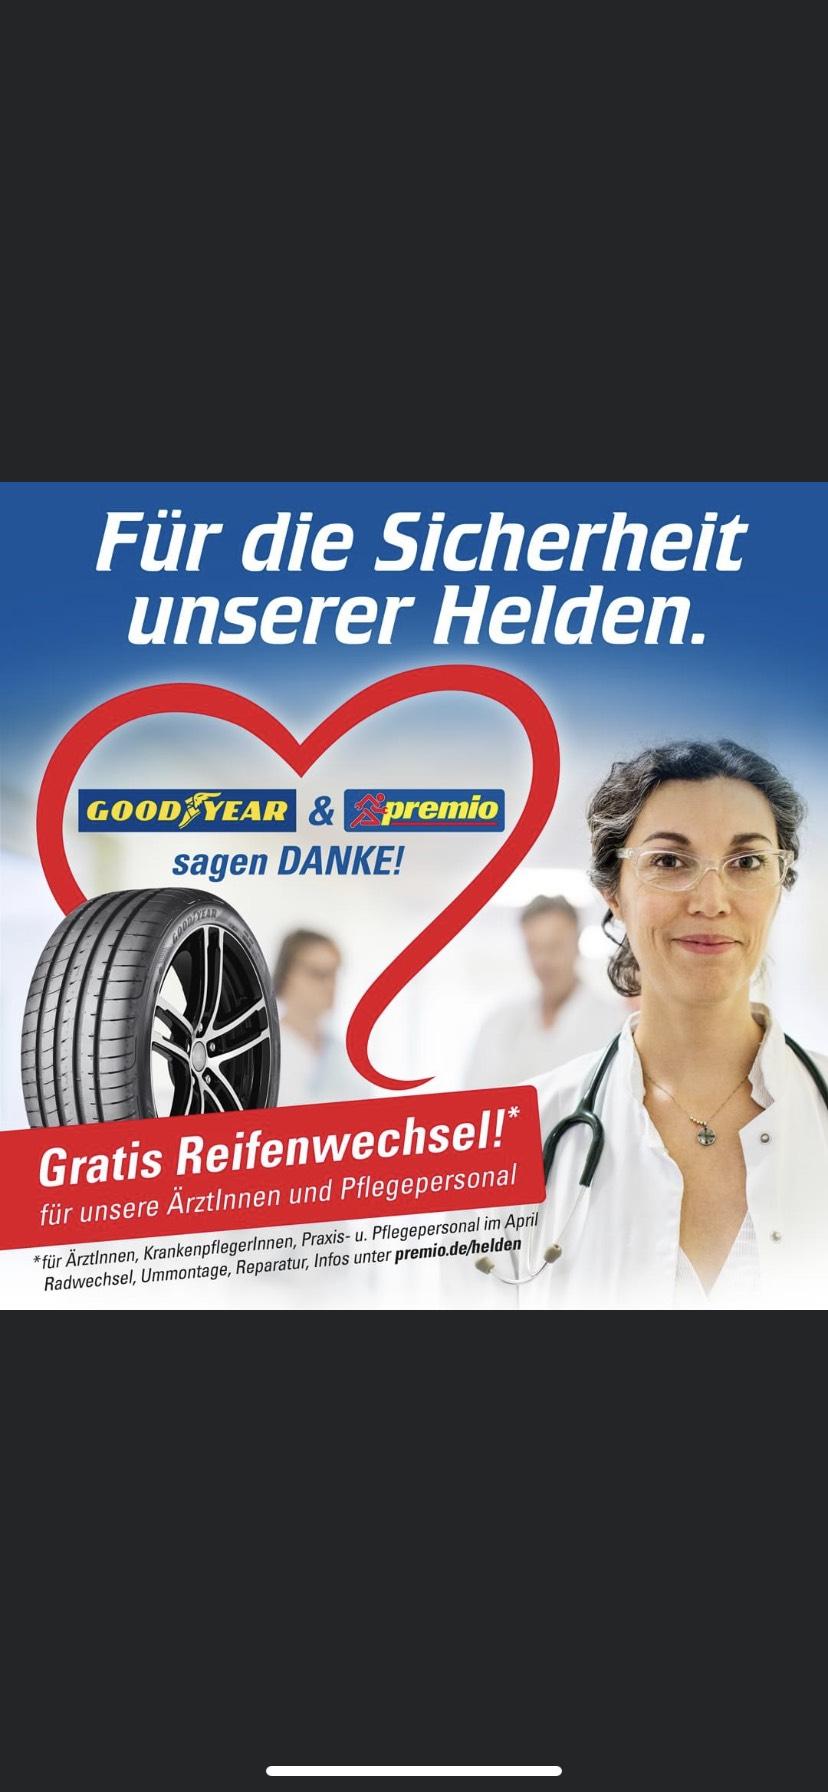 Gratis Reifenwechsel Goodyear Premio Quick Für Ärzte Pflegepersonal und Praxispersonal